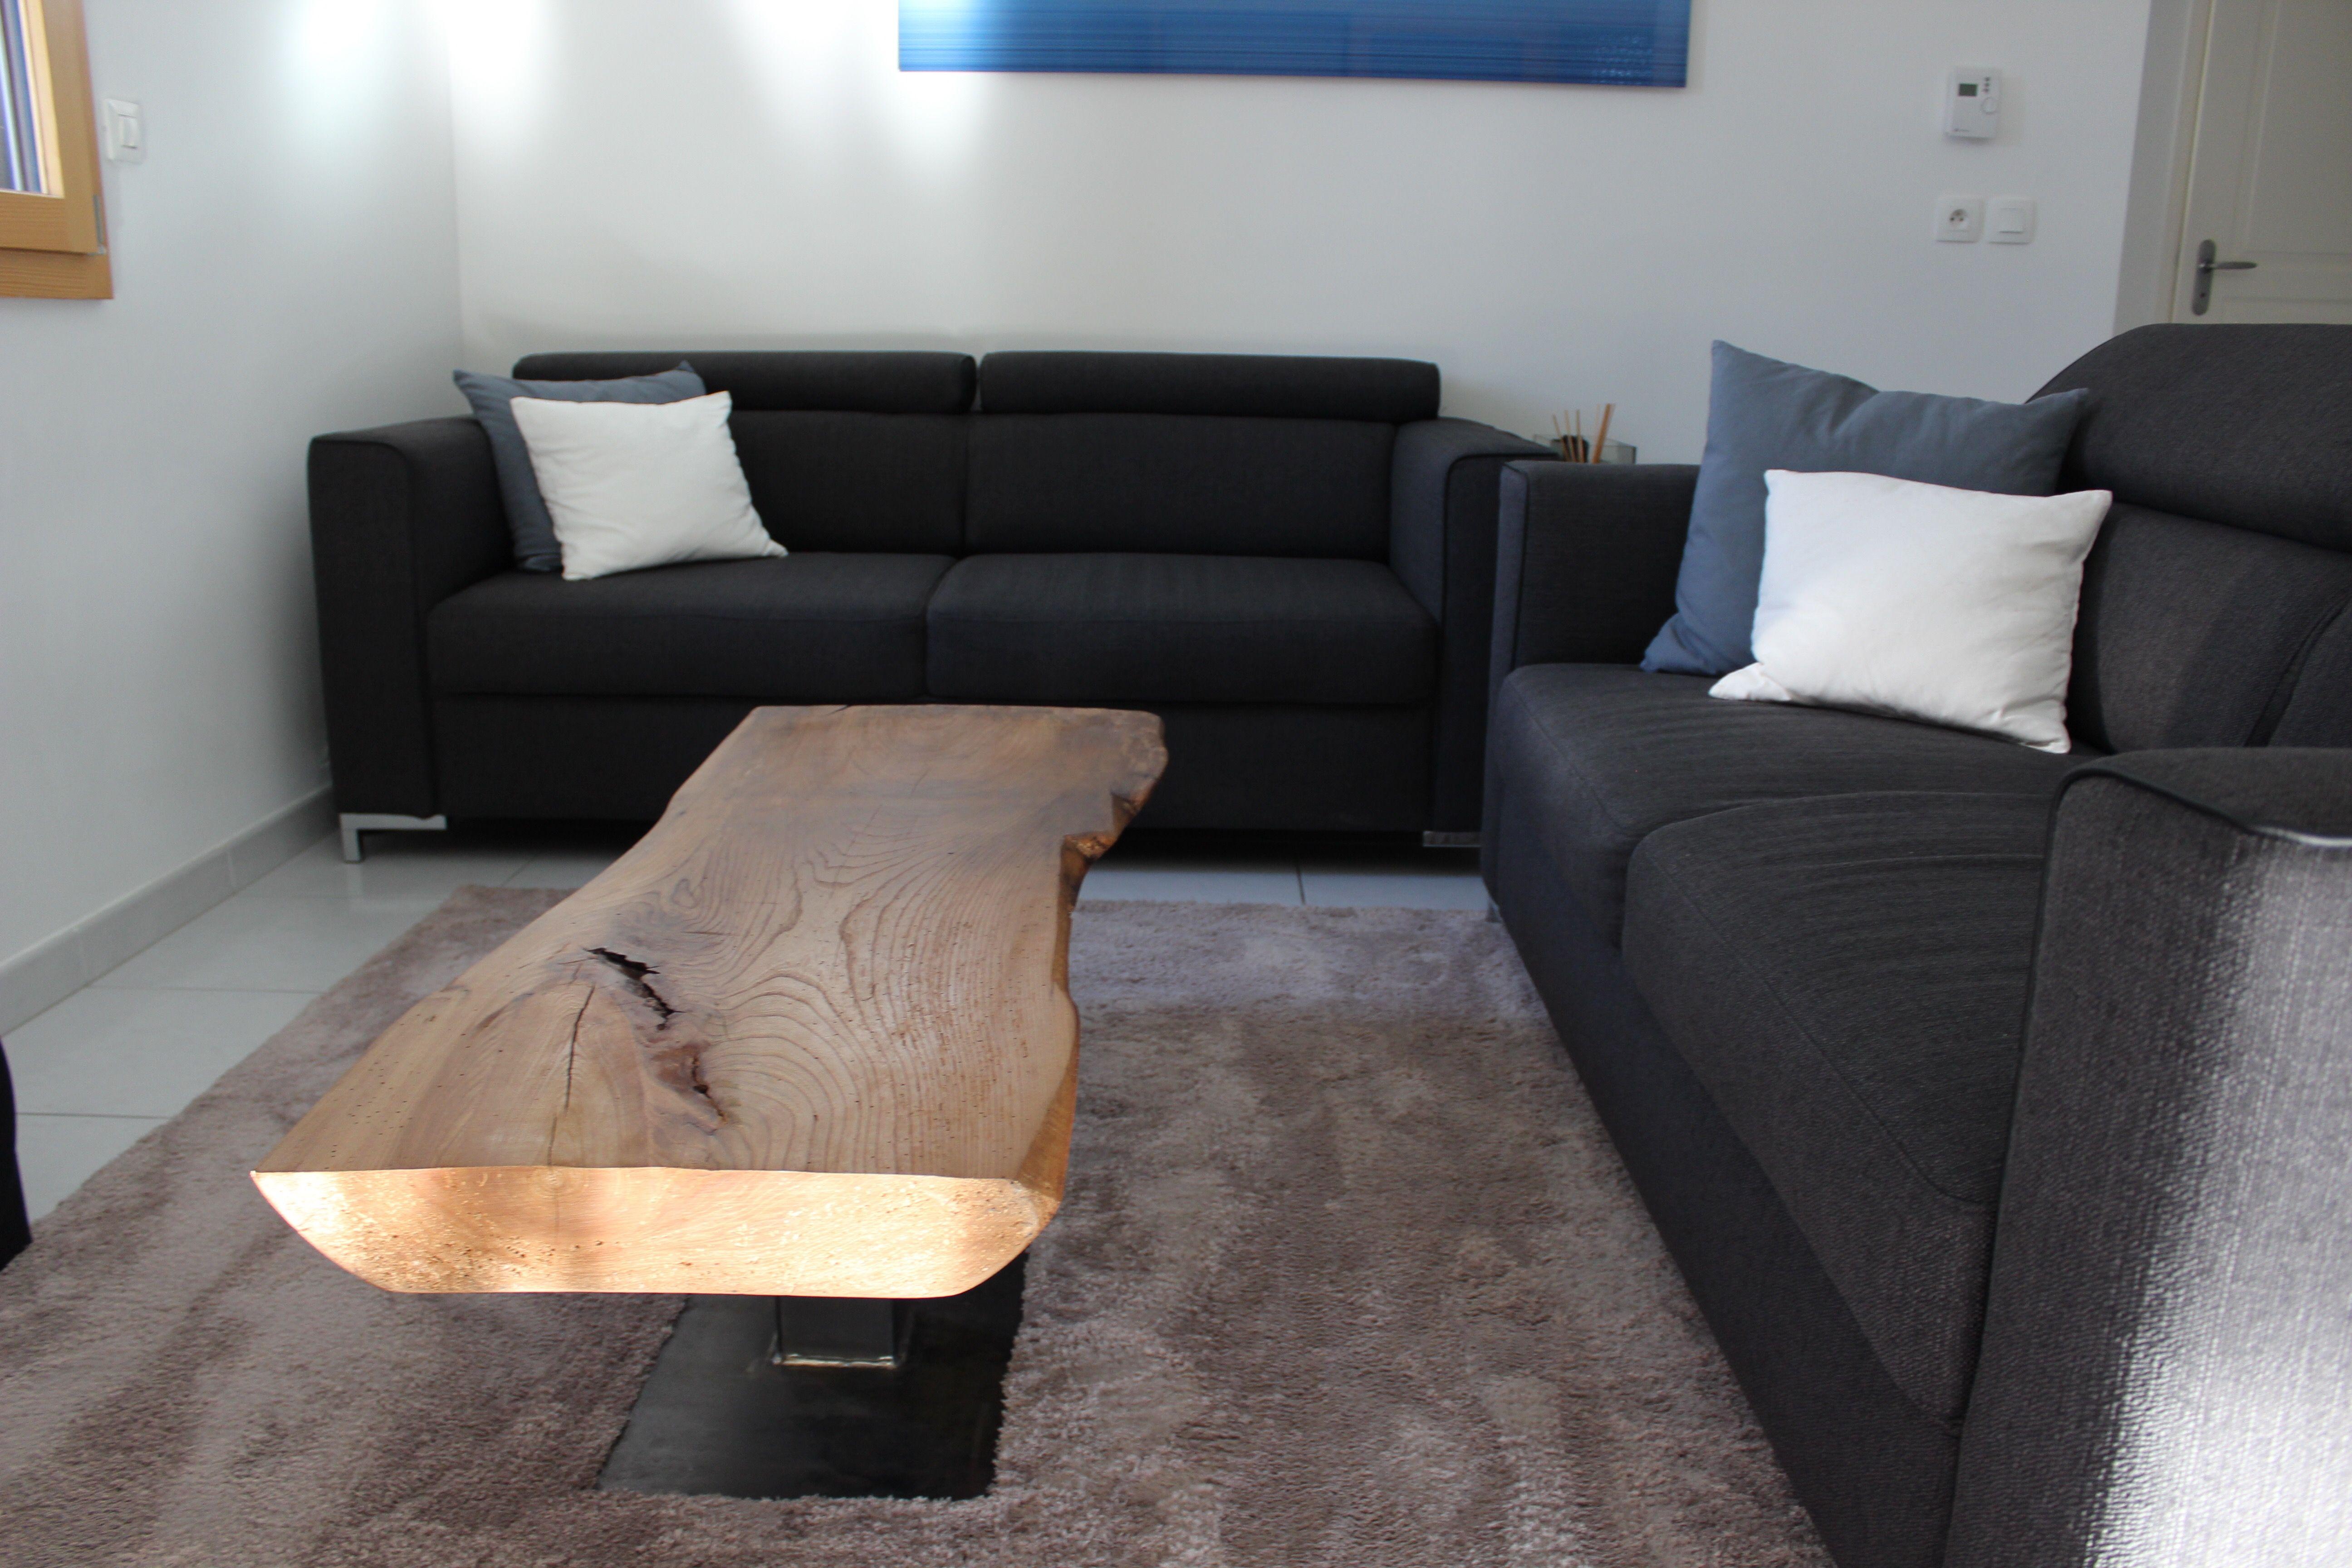 Table basse en orme massif sur un pied sen acier brut sur mesure pièce réalisée par lentreprise essence bois